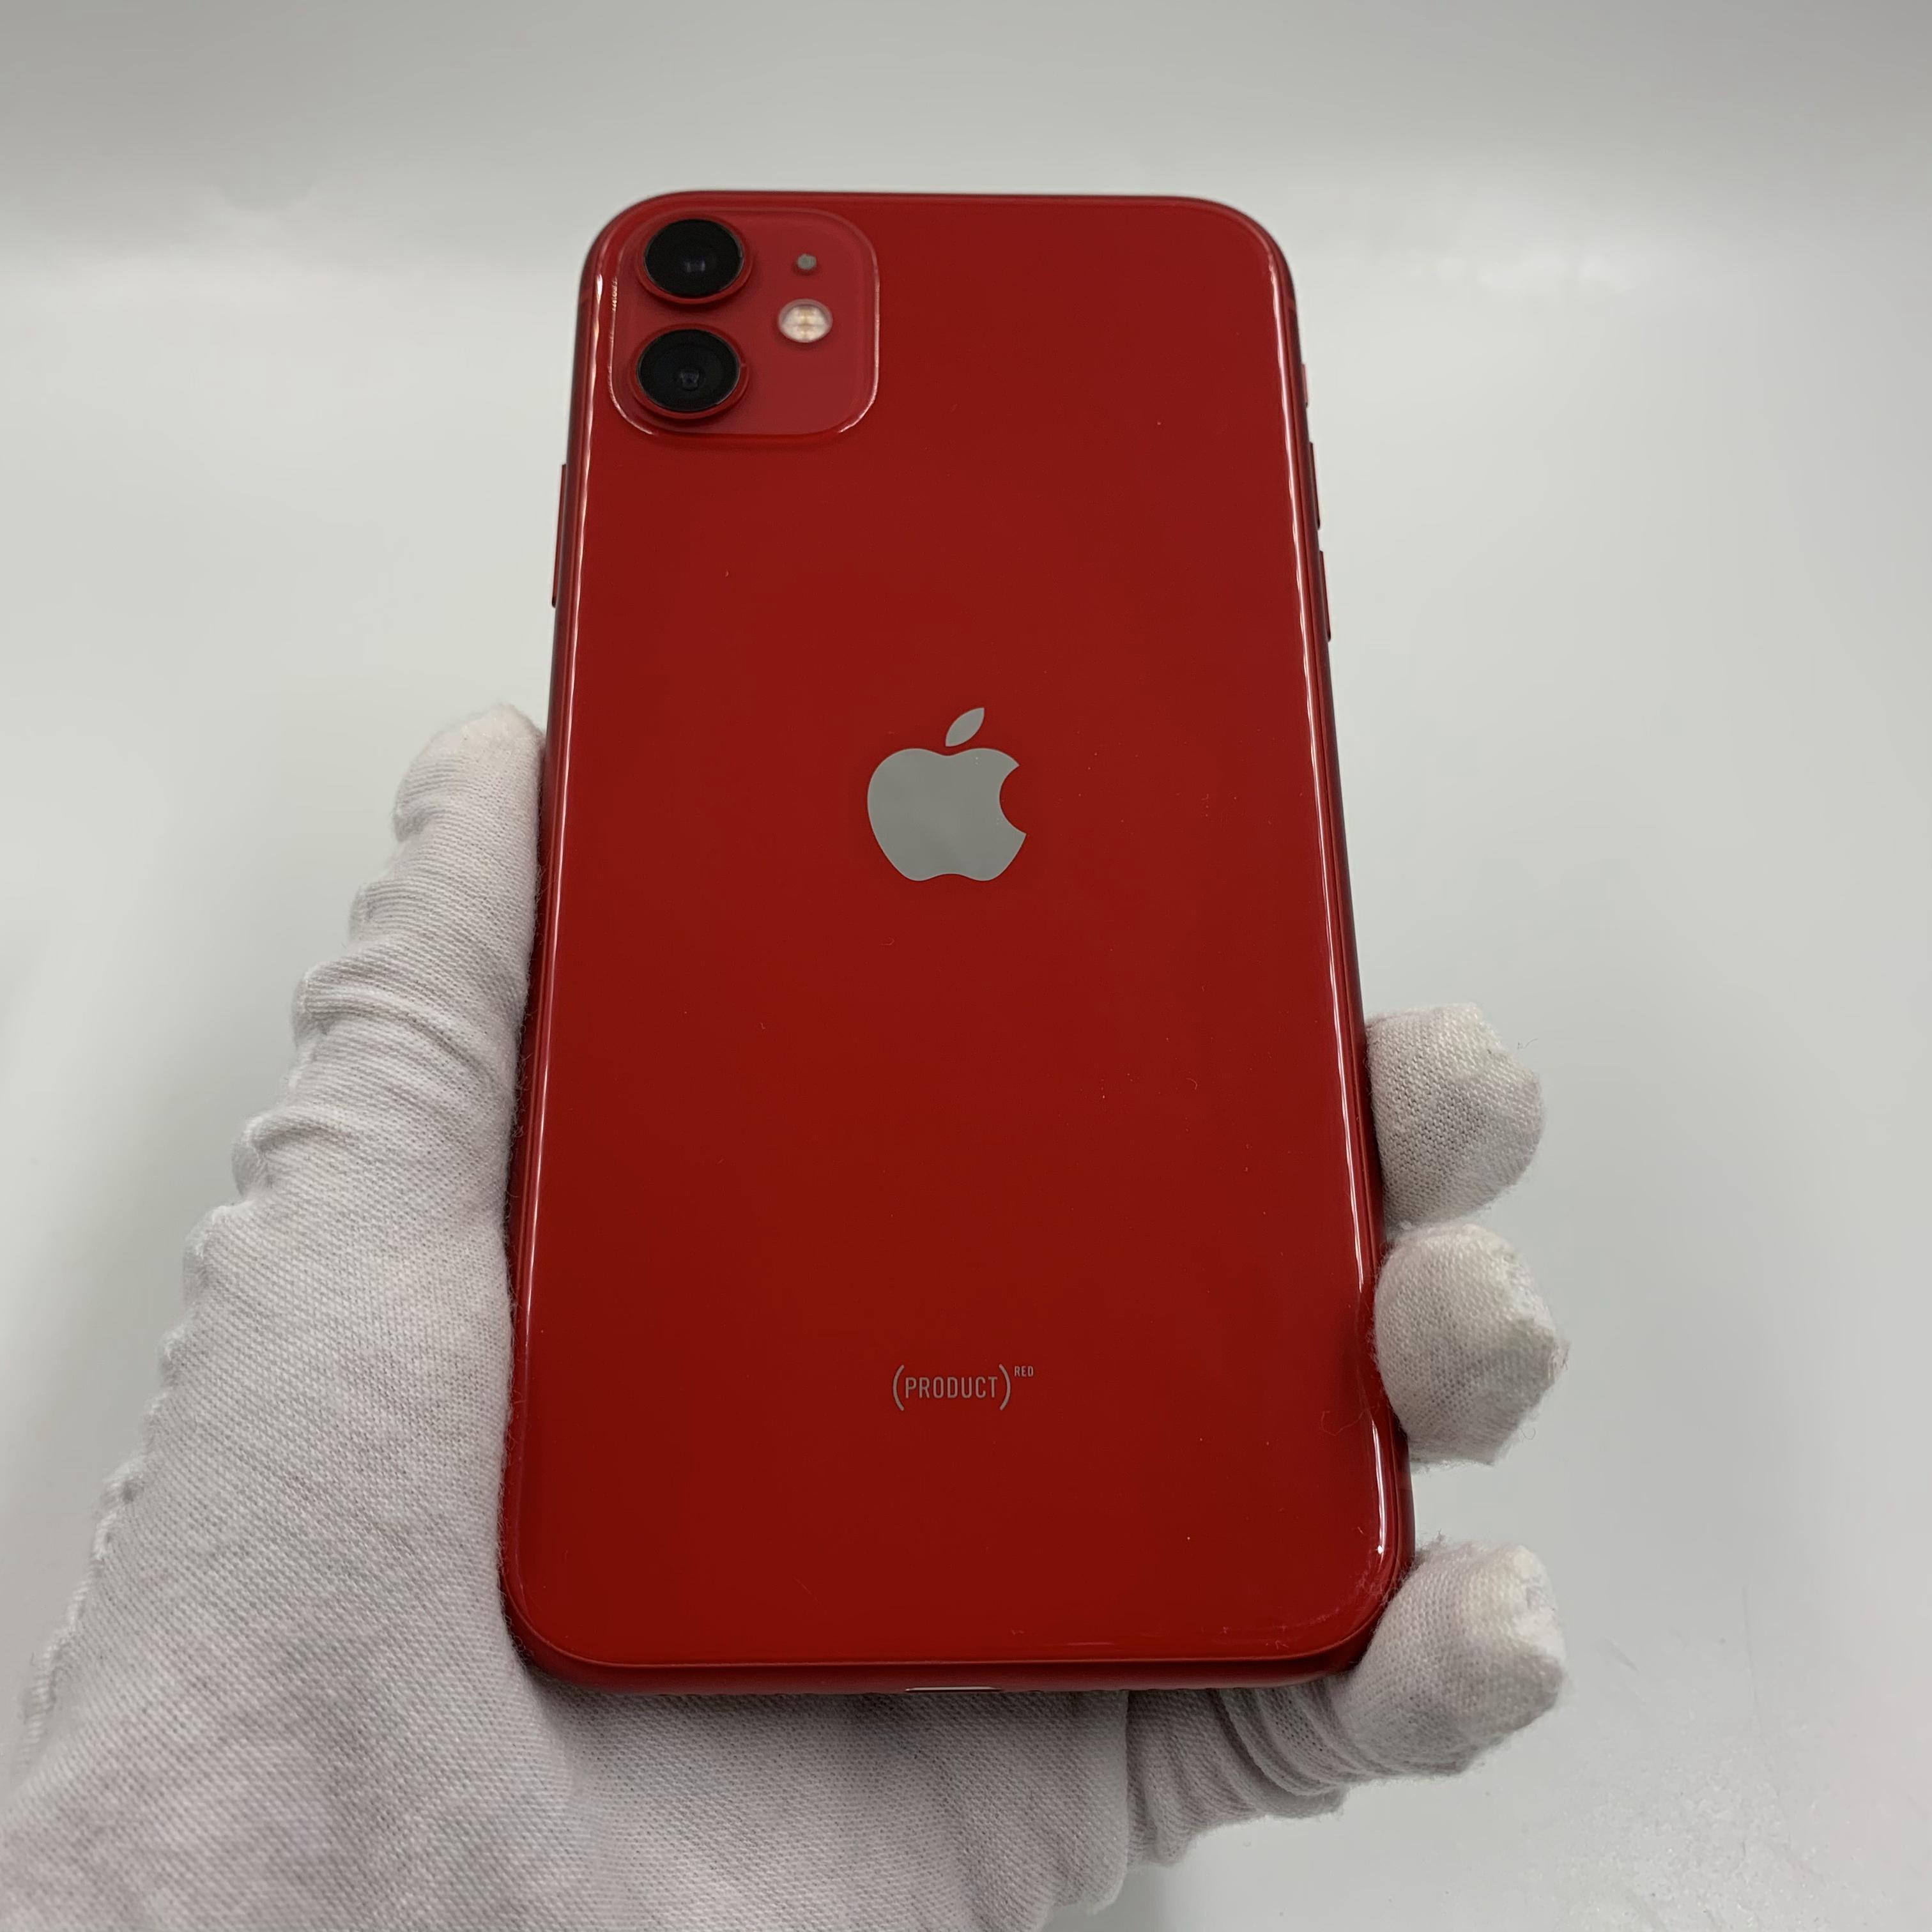 苹果【iPhone 11】4G全网通 红色 128G 国行 9成新 真机实拍